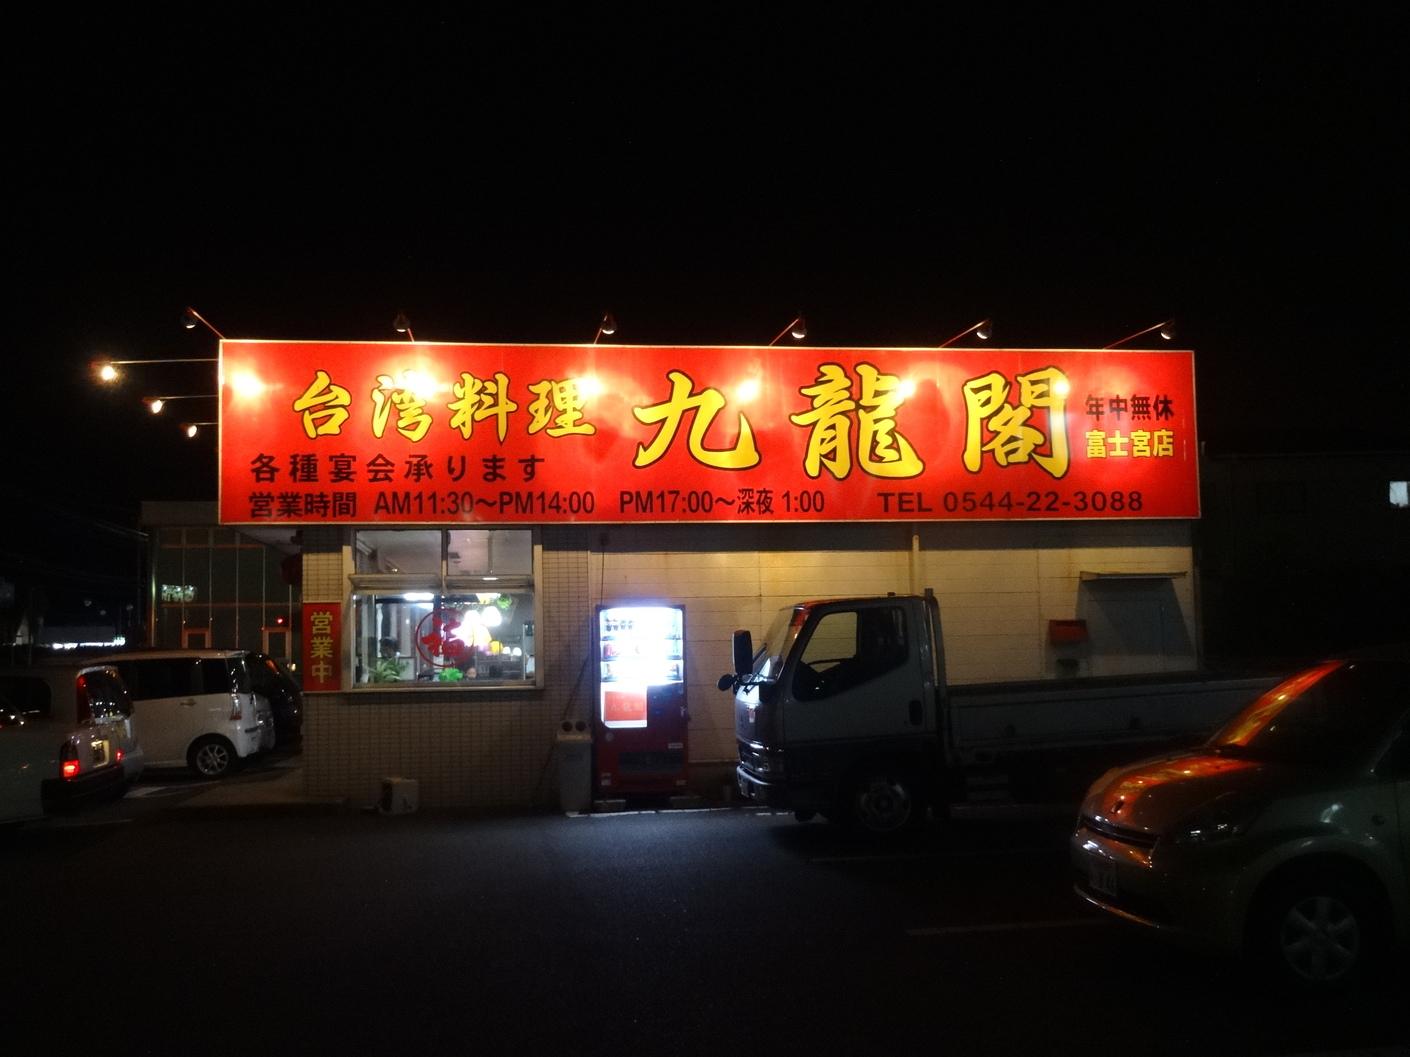 九龍閣 name=